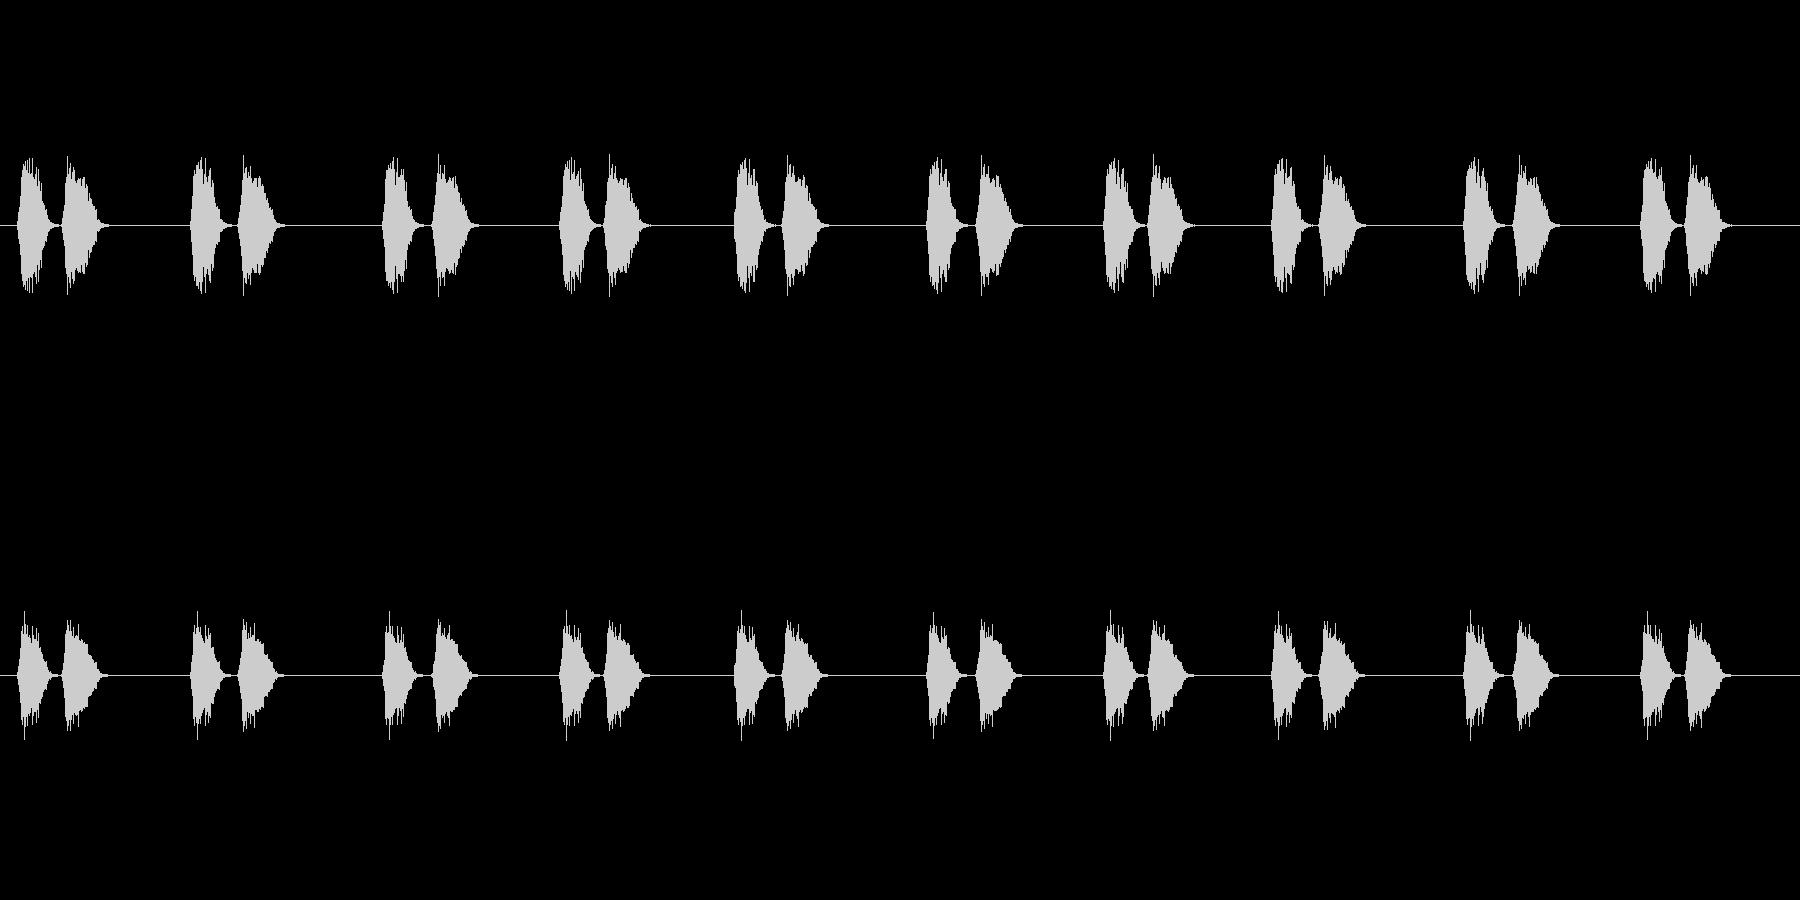 【カラス 生録 環境01-1】の未再生の波形